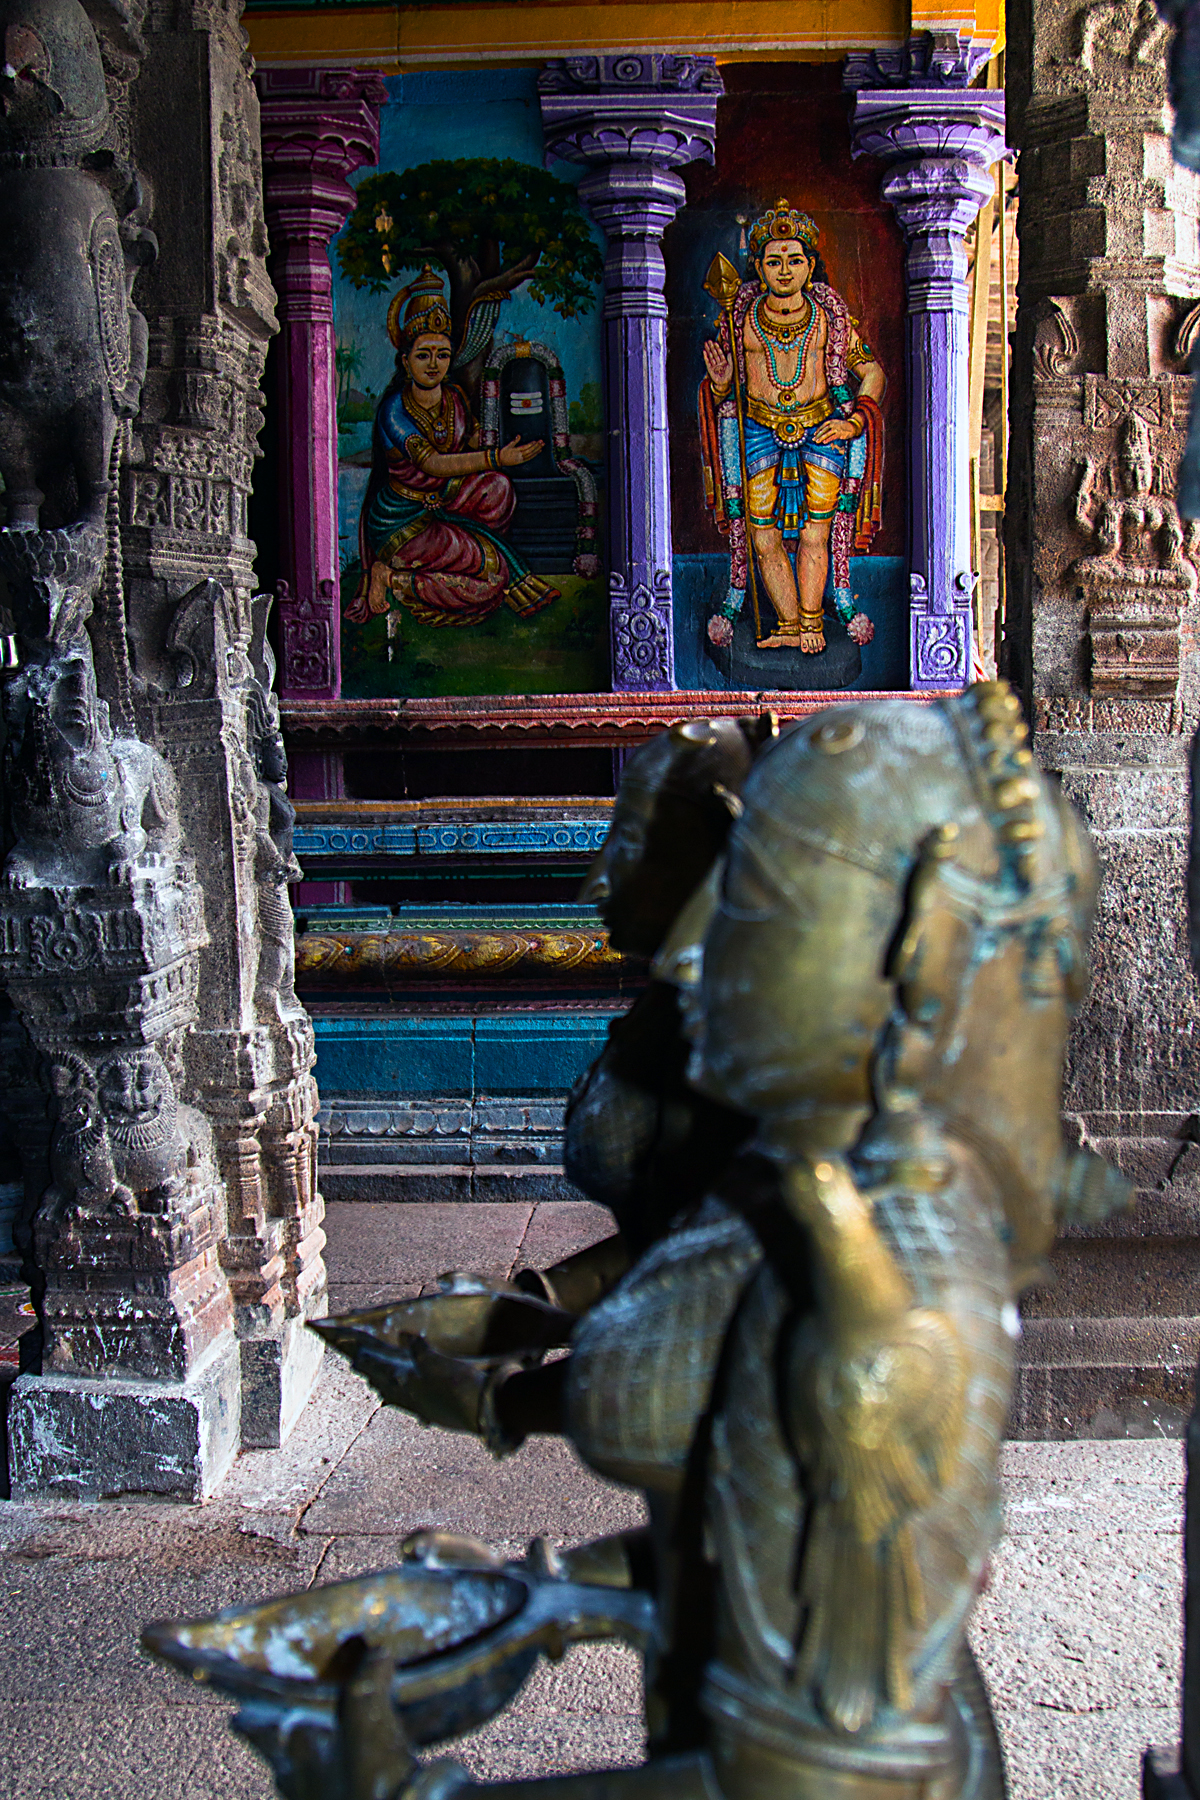 INDIEN Chennai Menschen Tempel FINEST-onTour 7502.jpg